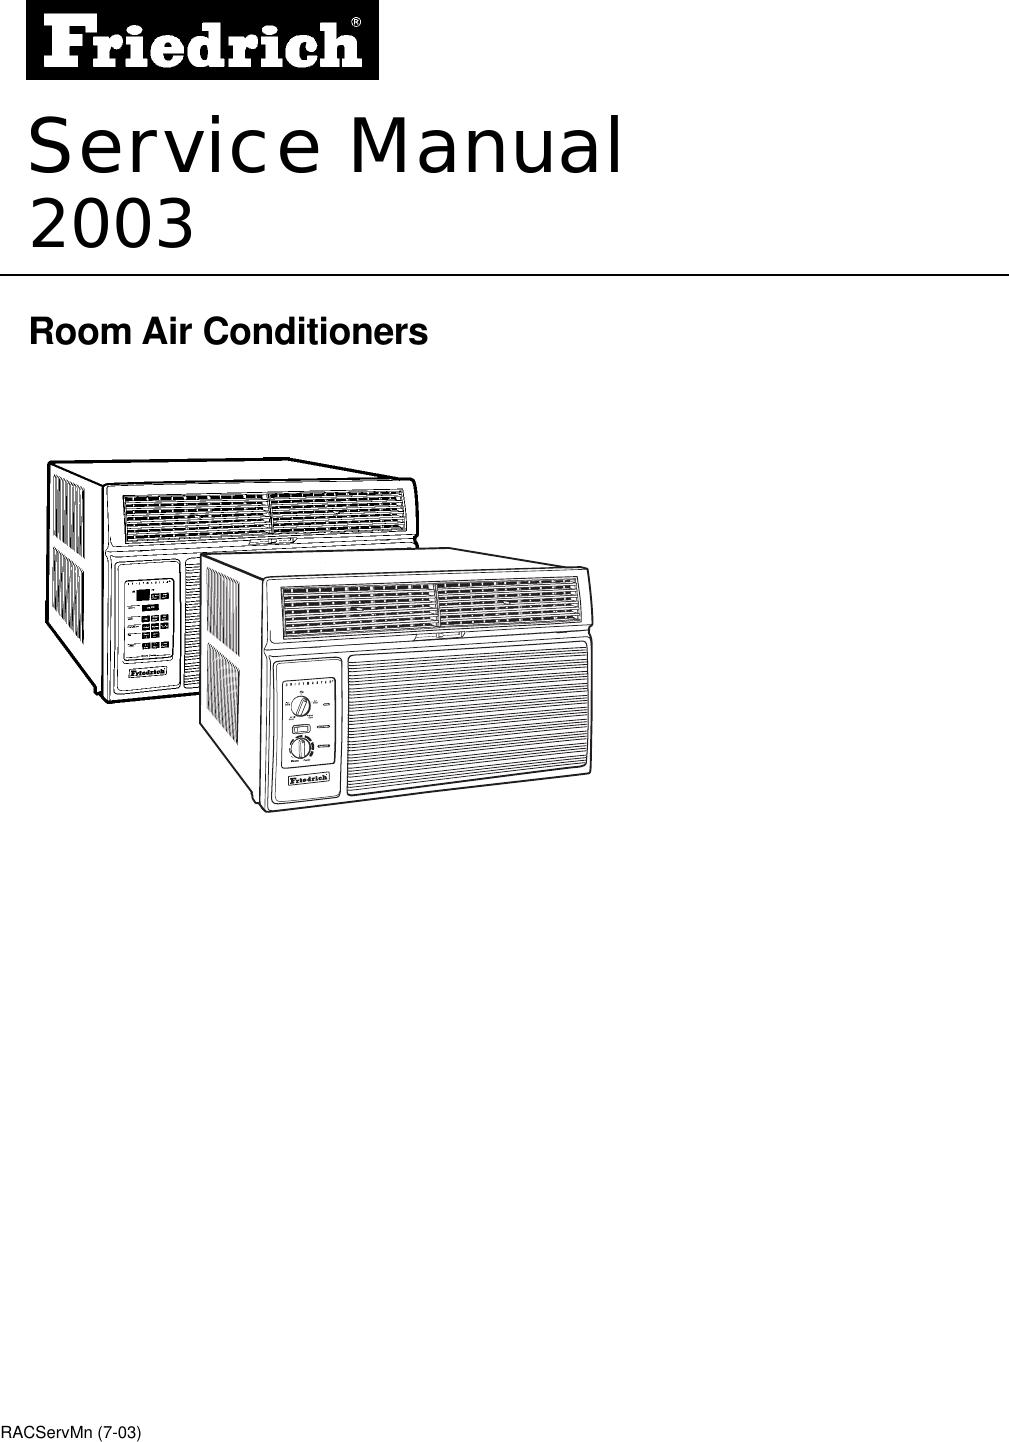 Friedrich Racservmn Users Manual Racservmn7 17 03 Newestp65 Wiring Diagrams